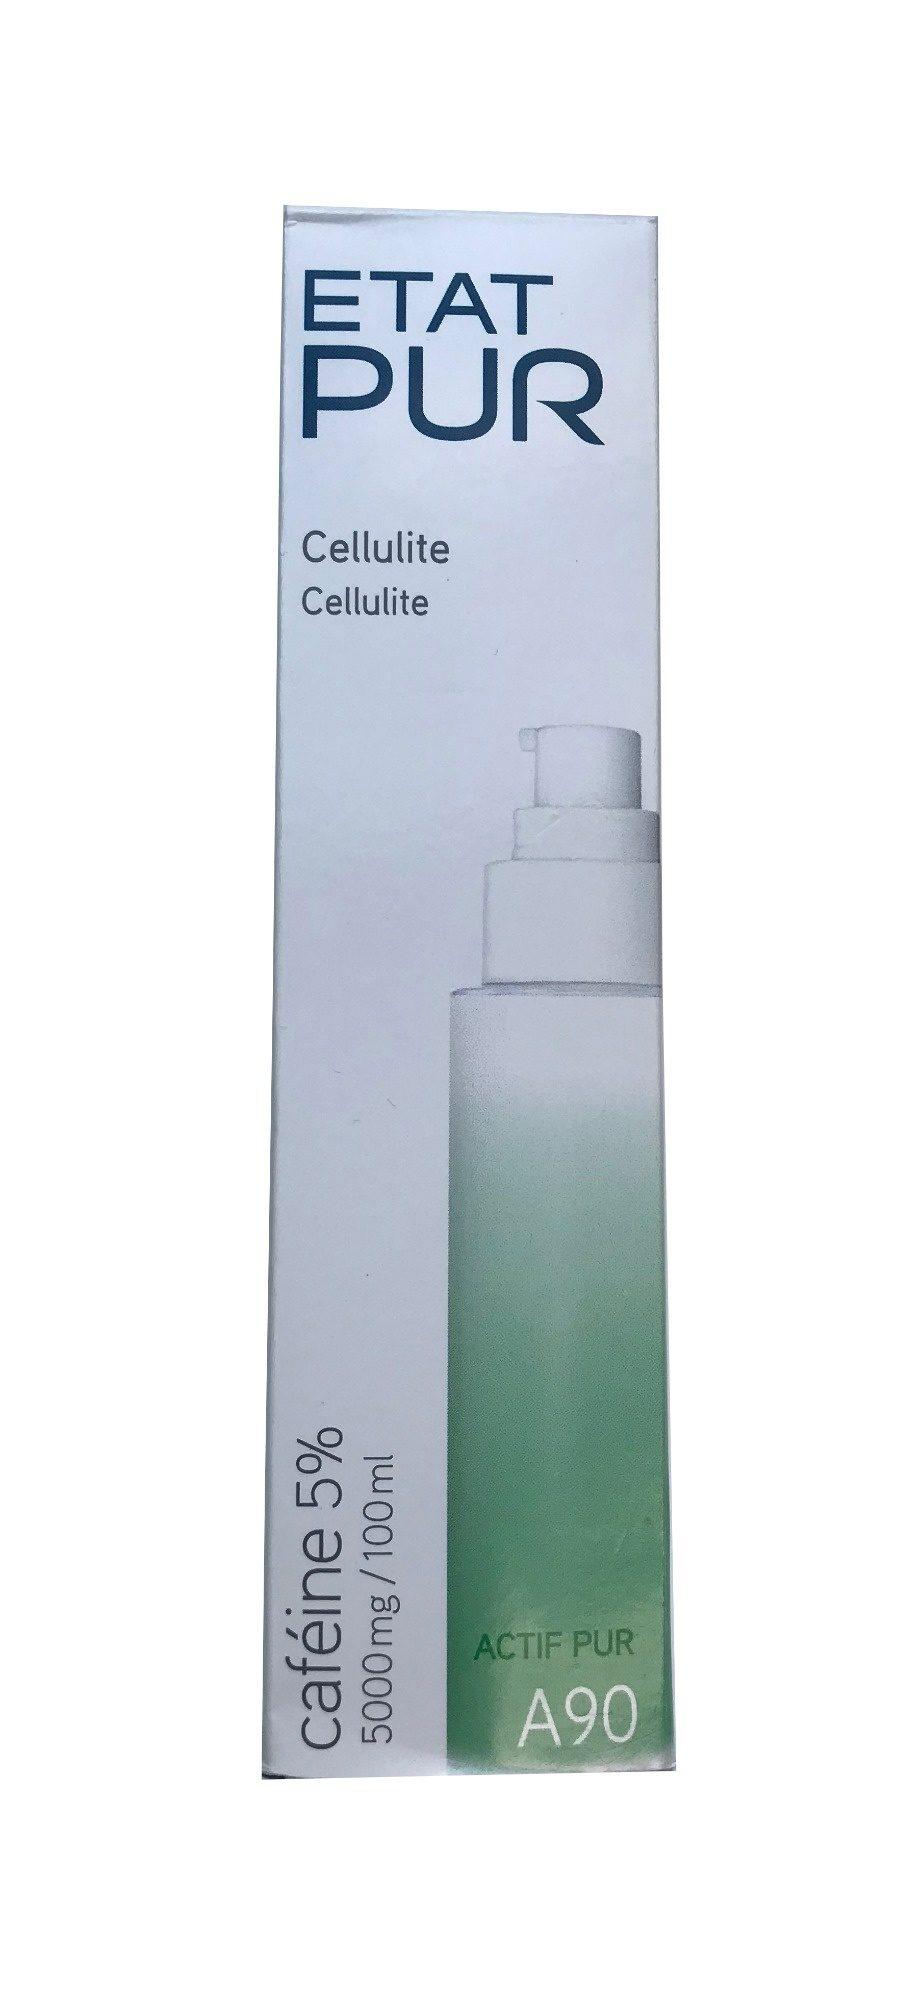 ETAT PUR Cellulite Caféine 5% - Product - fr